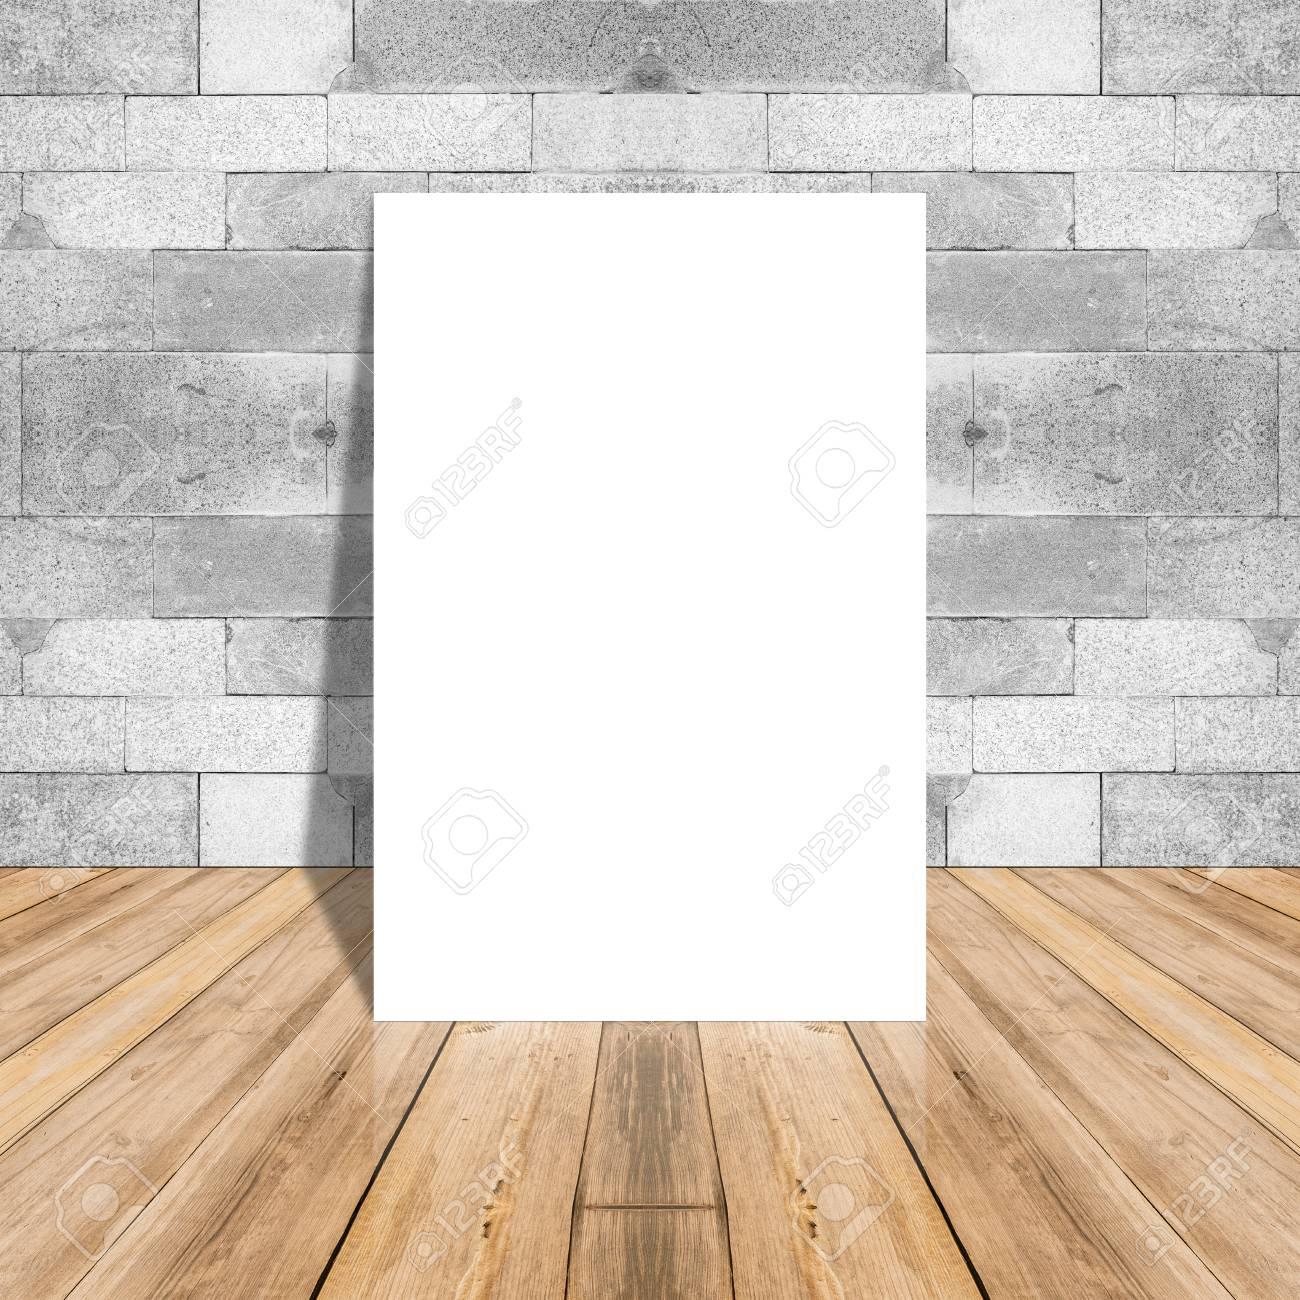 leeres weißbuchplakat auf plankenholzboden und muster marmorn wand